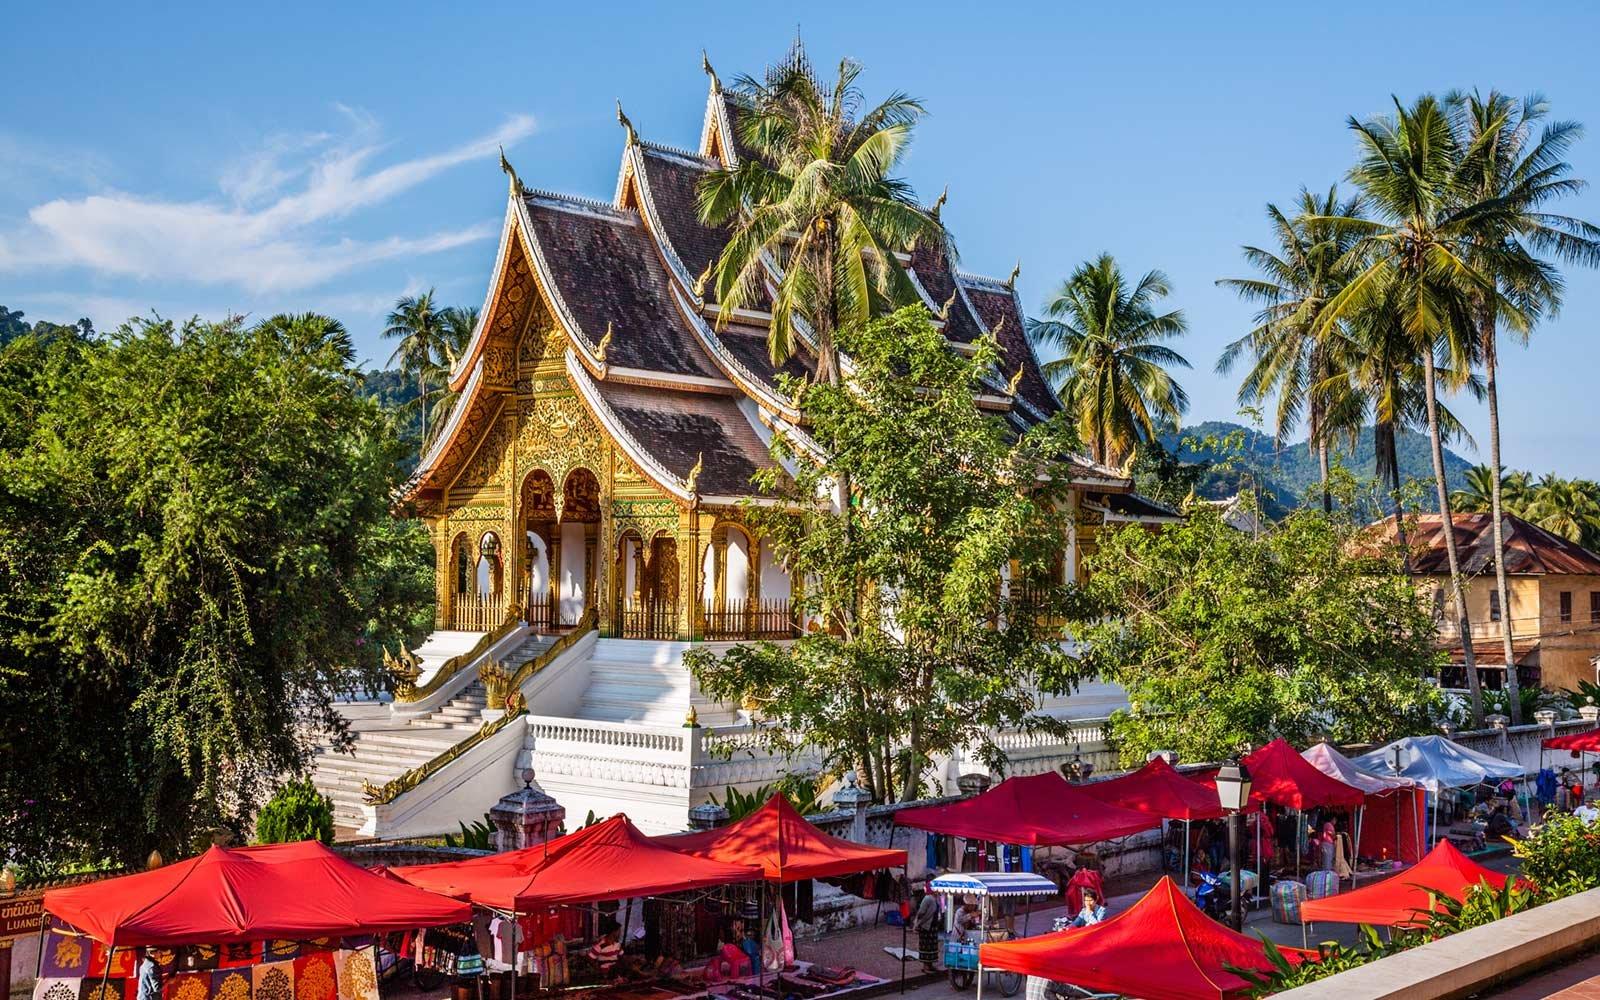 wat pahouak temple luang prabang laos 07 TOPCITIESWB18